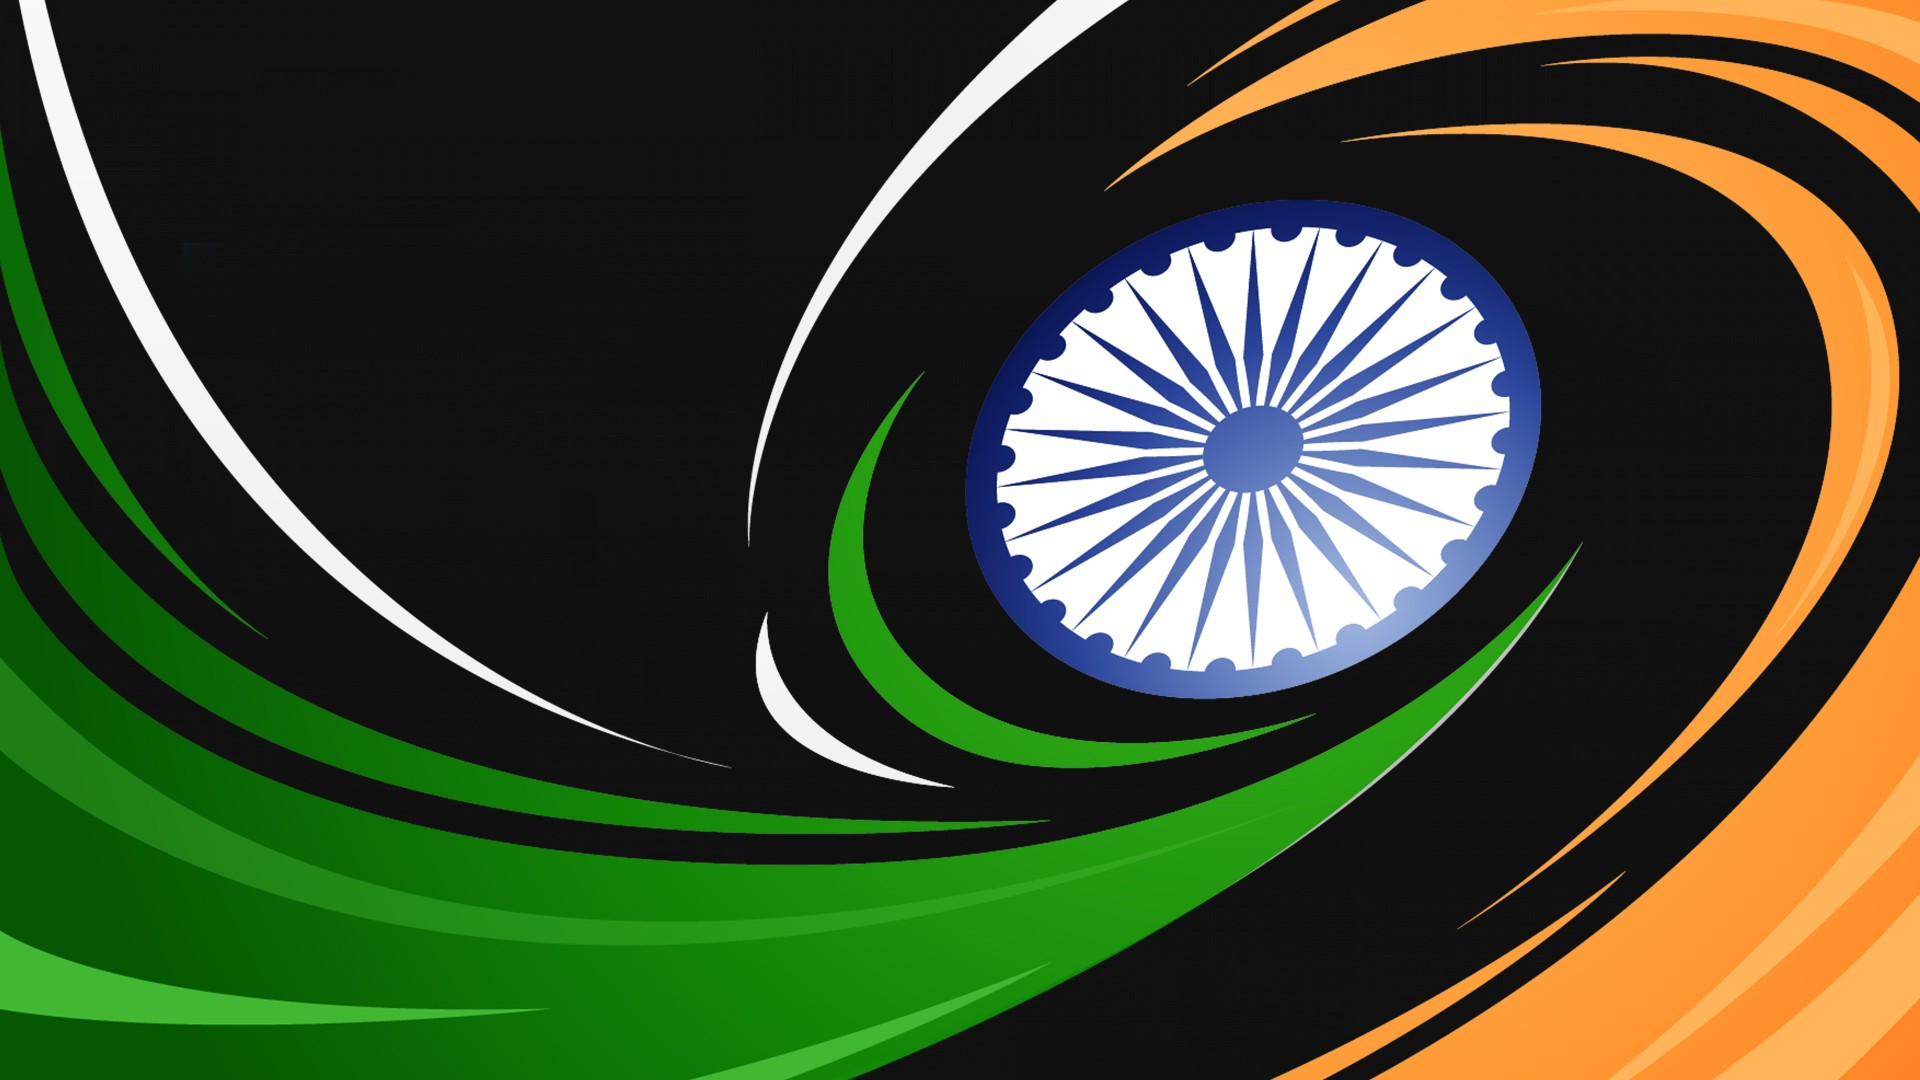 Indian Flag Hd Desktop Wallpaper Indian Flag Images For Desktop 1920x1080 Download Hd Wallpaper Wallpapertip